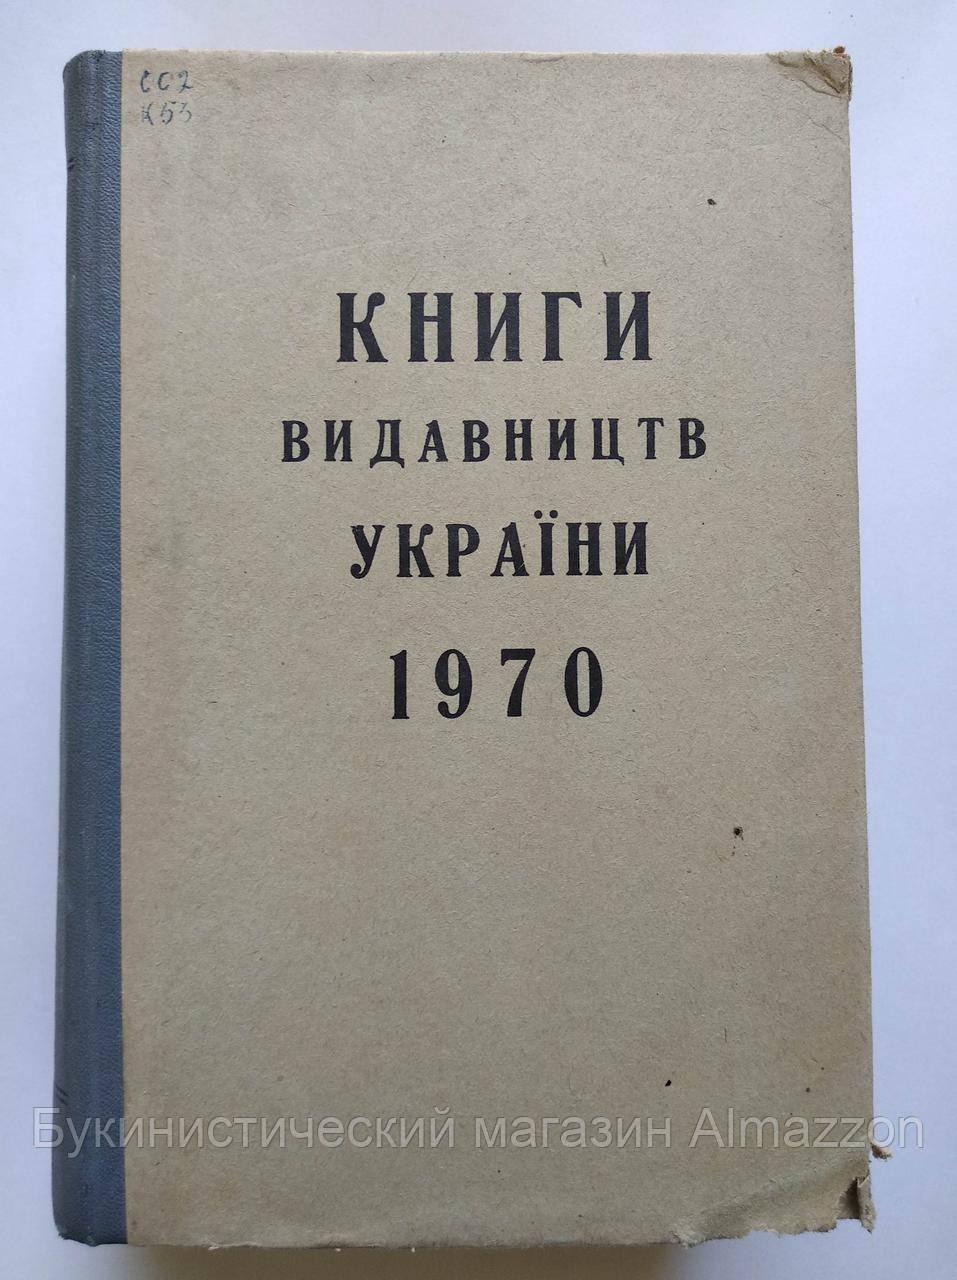 Книги видавництв України 1970 год. Библиография. Книги издательств Украины Редкость!